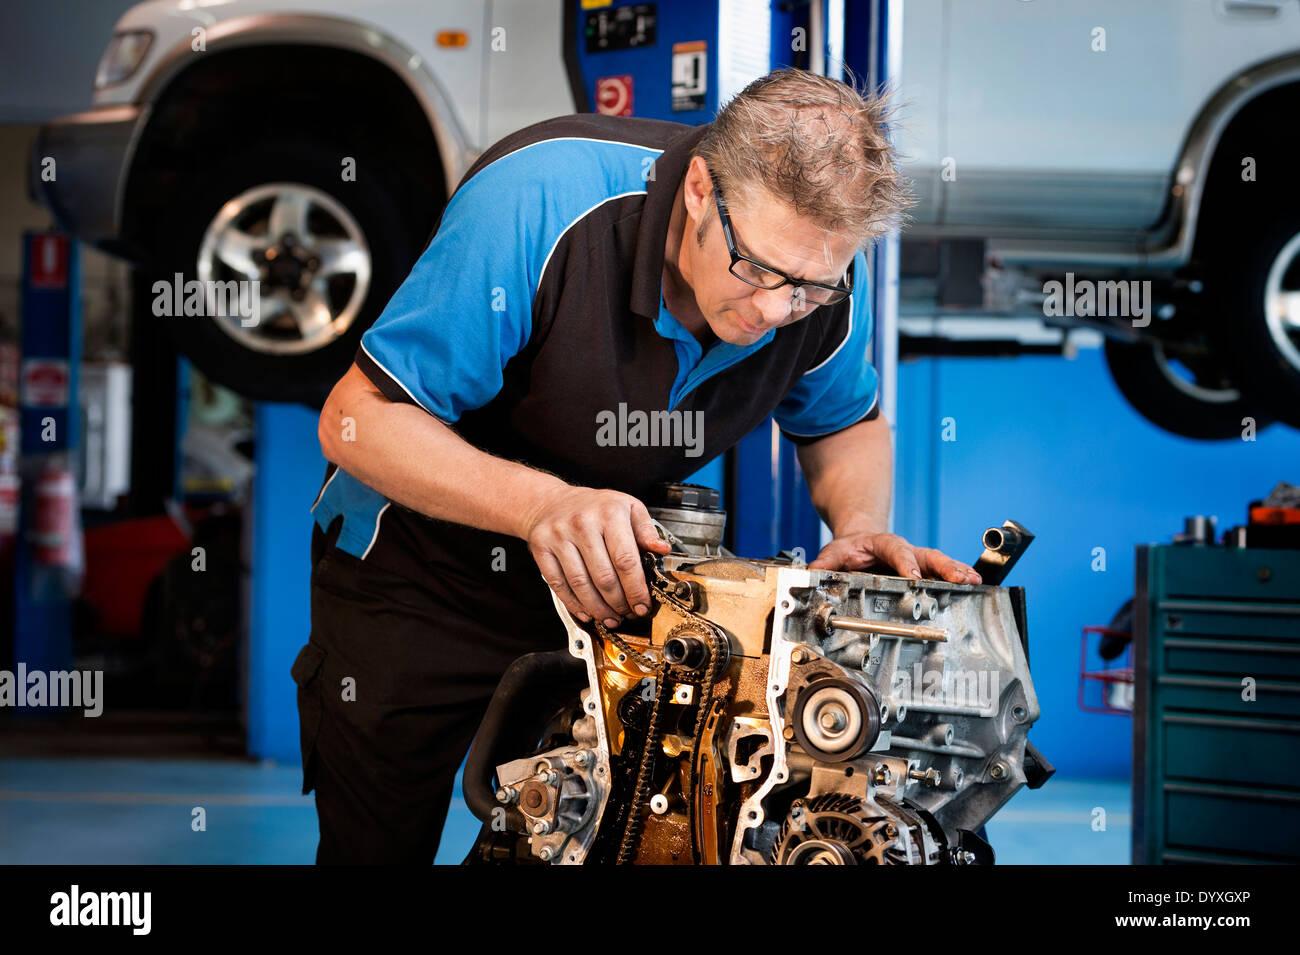 Mécanicien travaillant sur un moteur de voiture Photo Stock